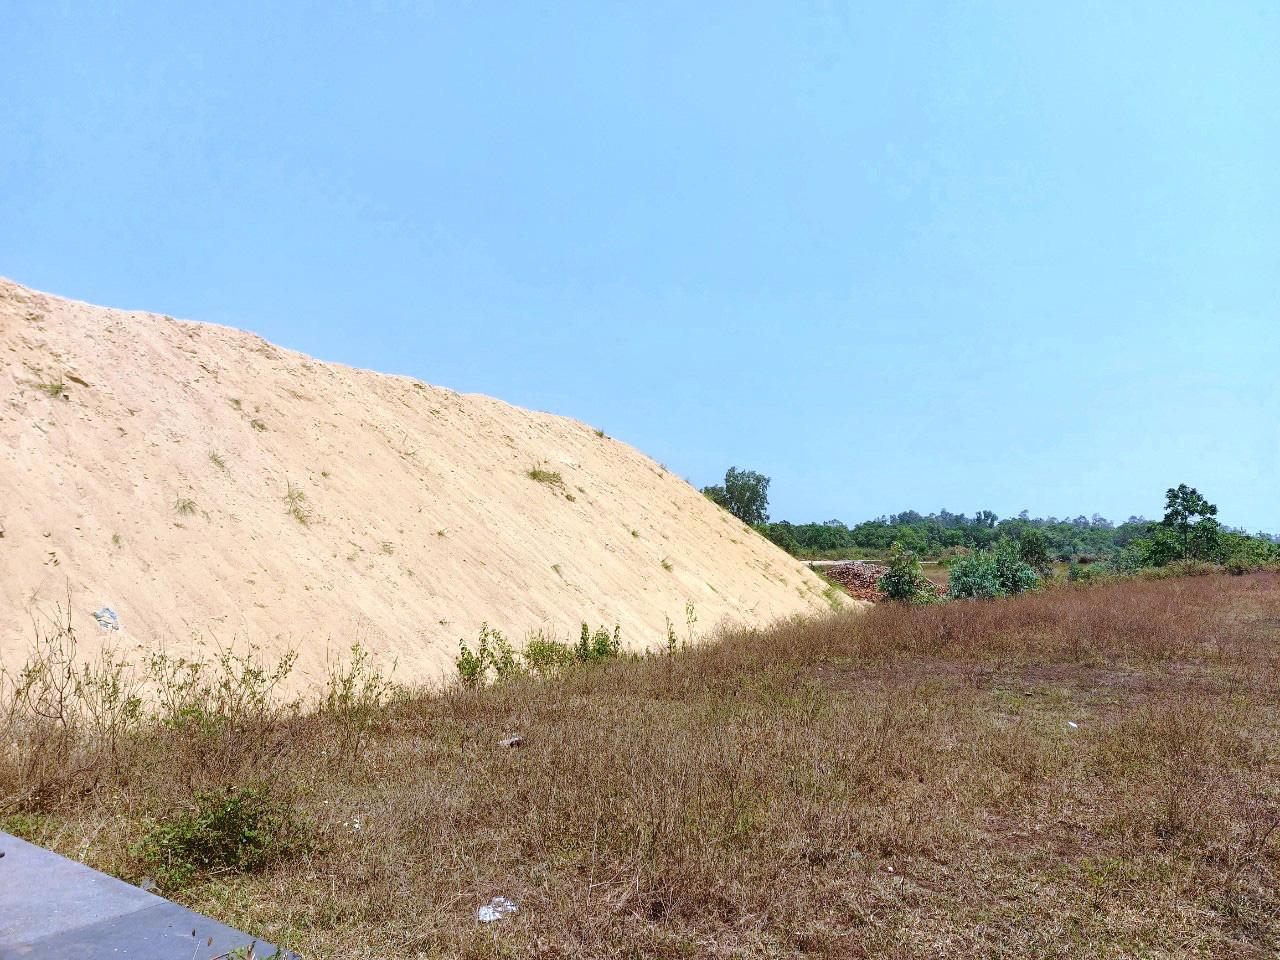 """Bình Định: """"Dẹp""""… hàng loạt bãi chứa cát mọc """"vô tội vạ"""" gây bức xúc - Ảnh 2."""